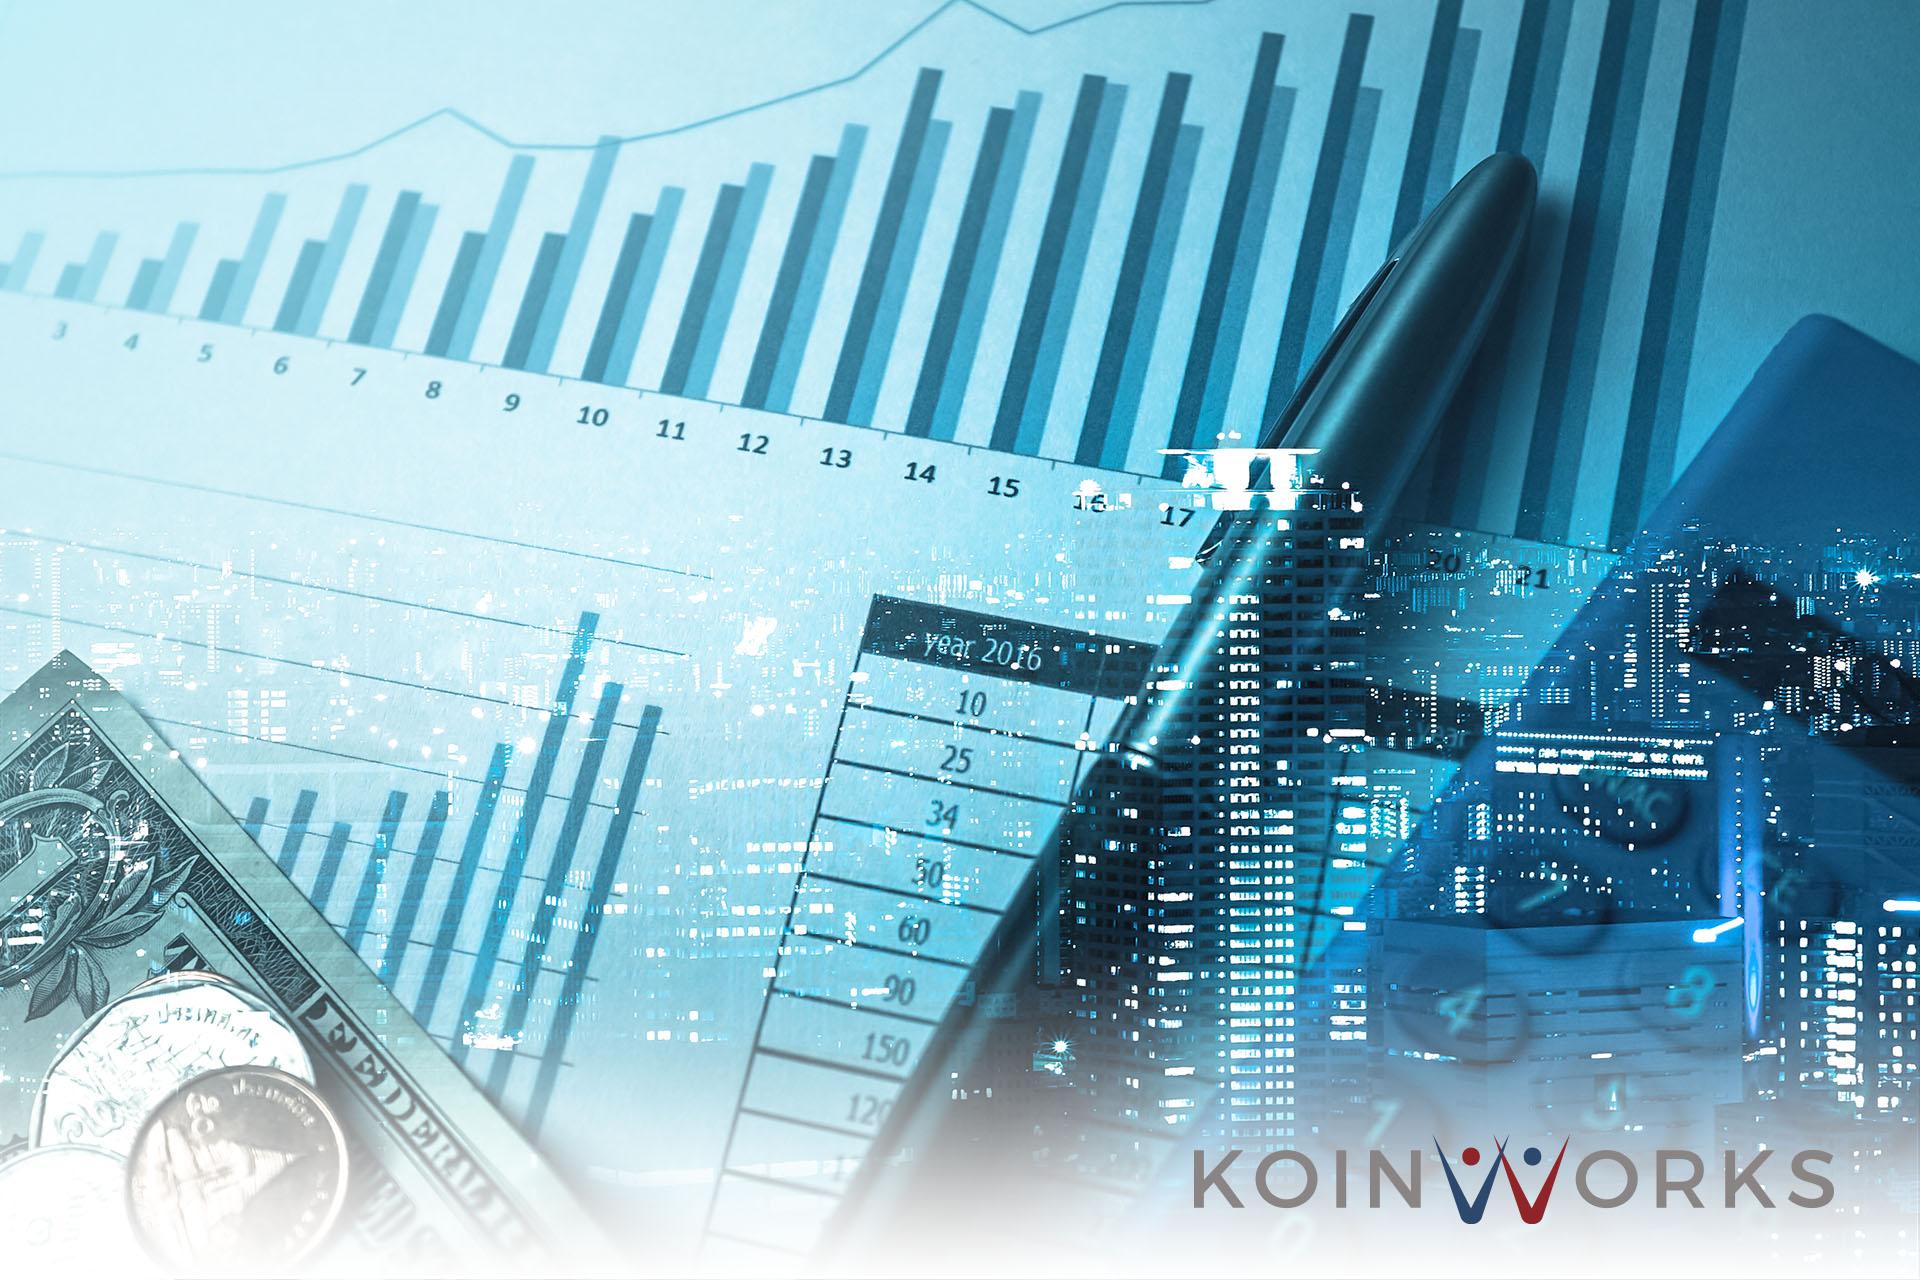 Apa Perbedaan Investasi Saham dan Obligasi? Berikut Penjelasannya...